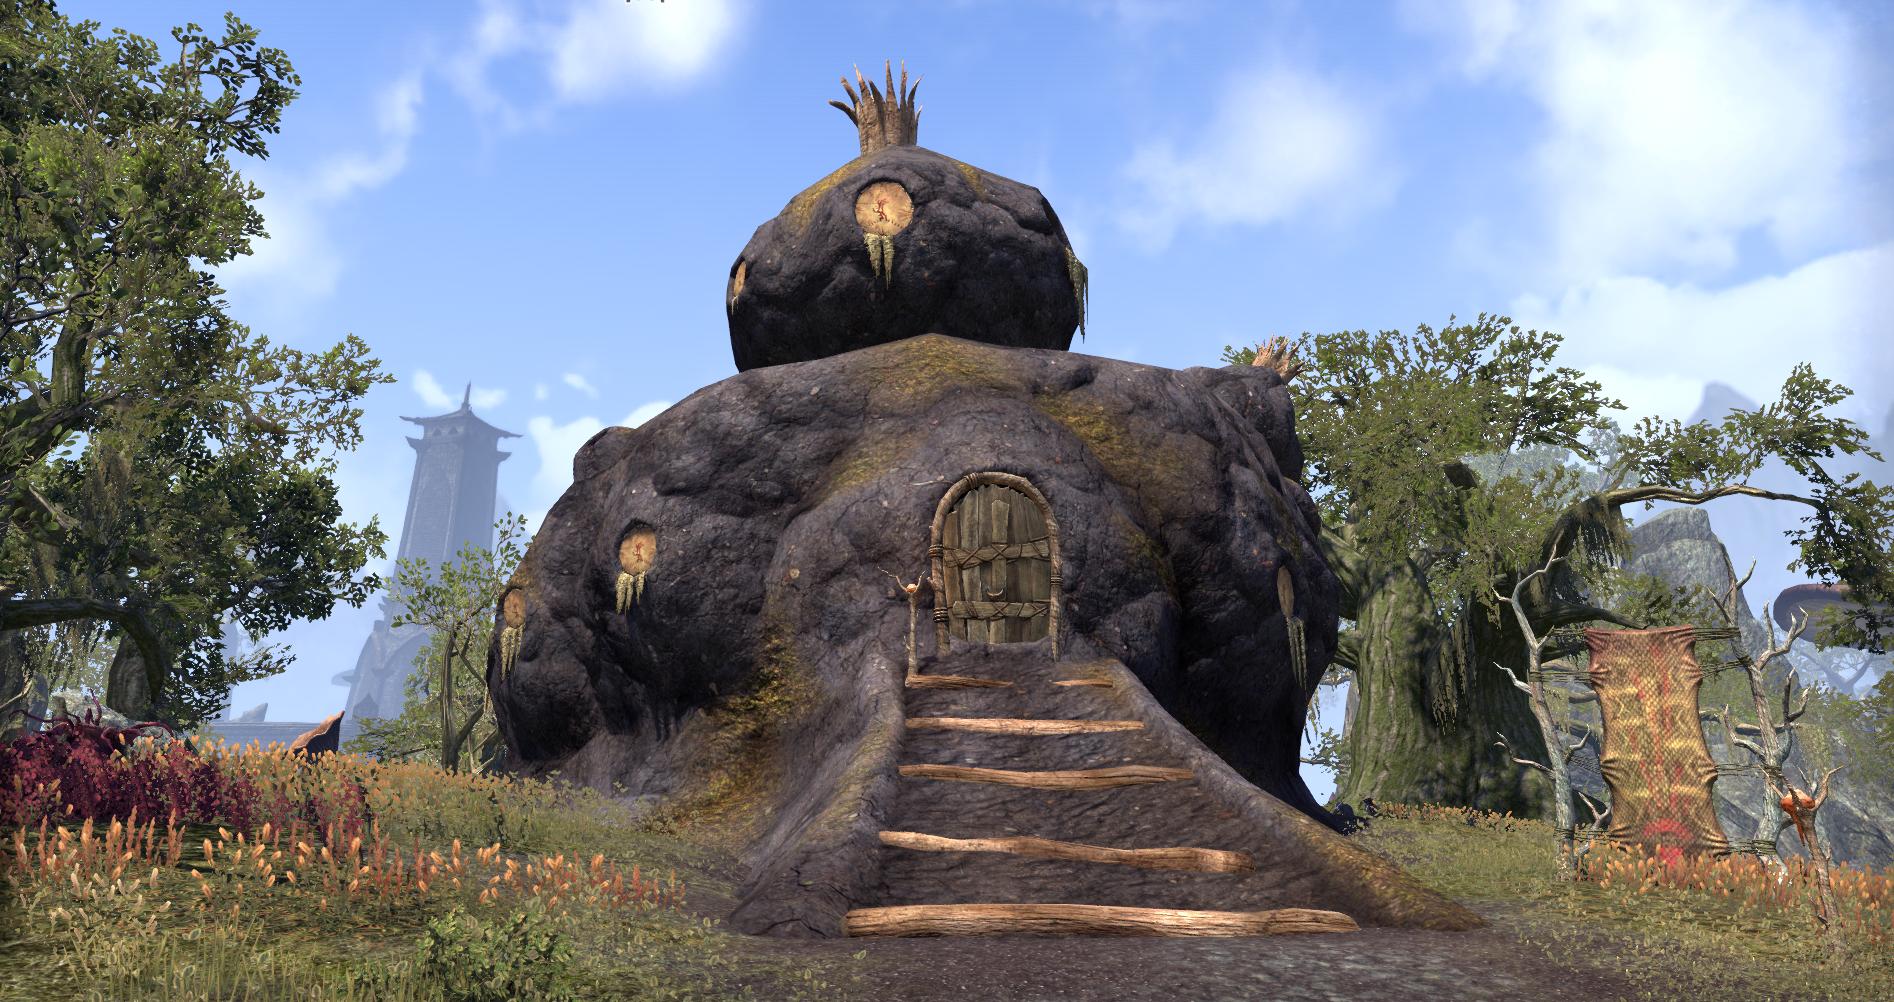 Seeks-the-Night's Hut